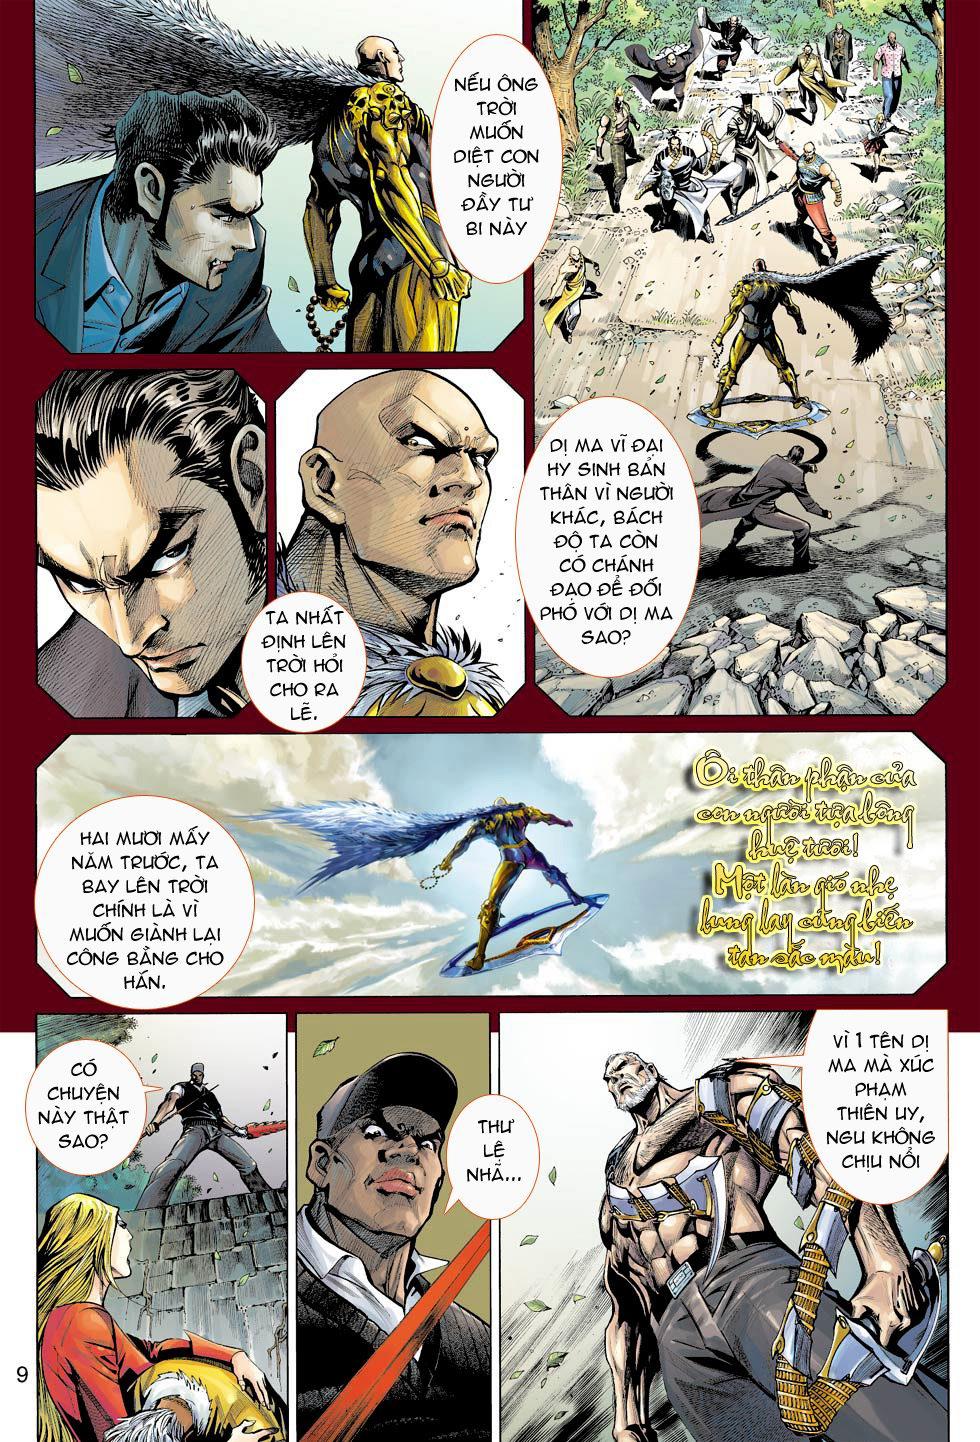 Thần Binh 4 chap 16 - Trang 9